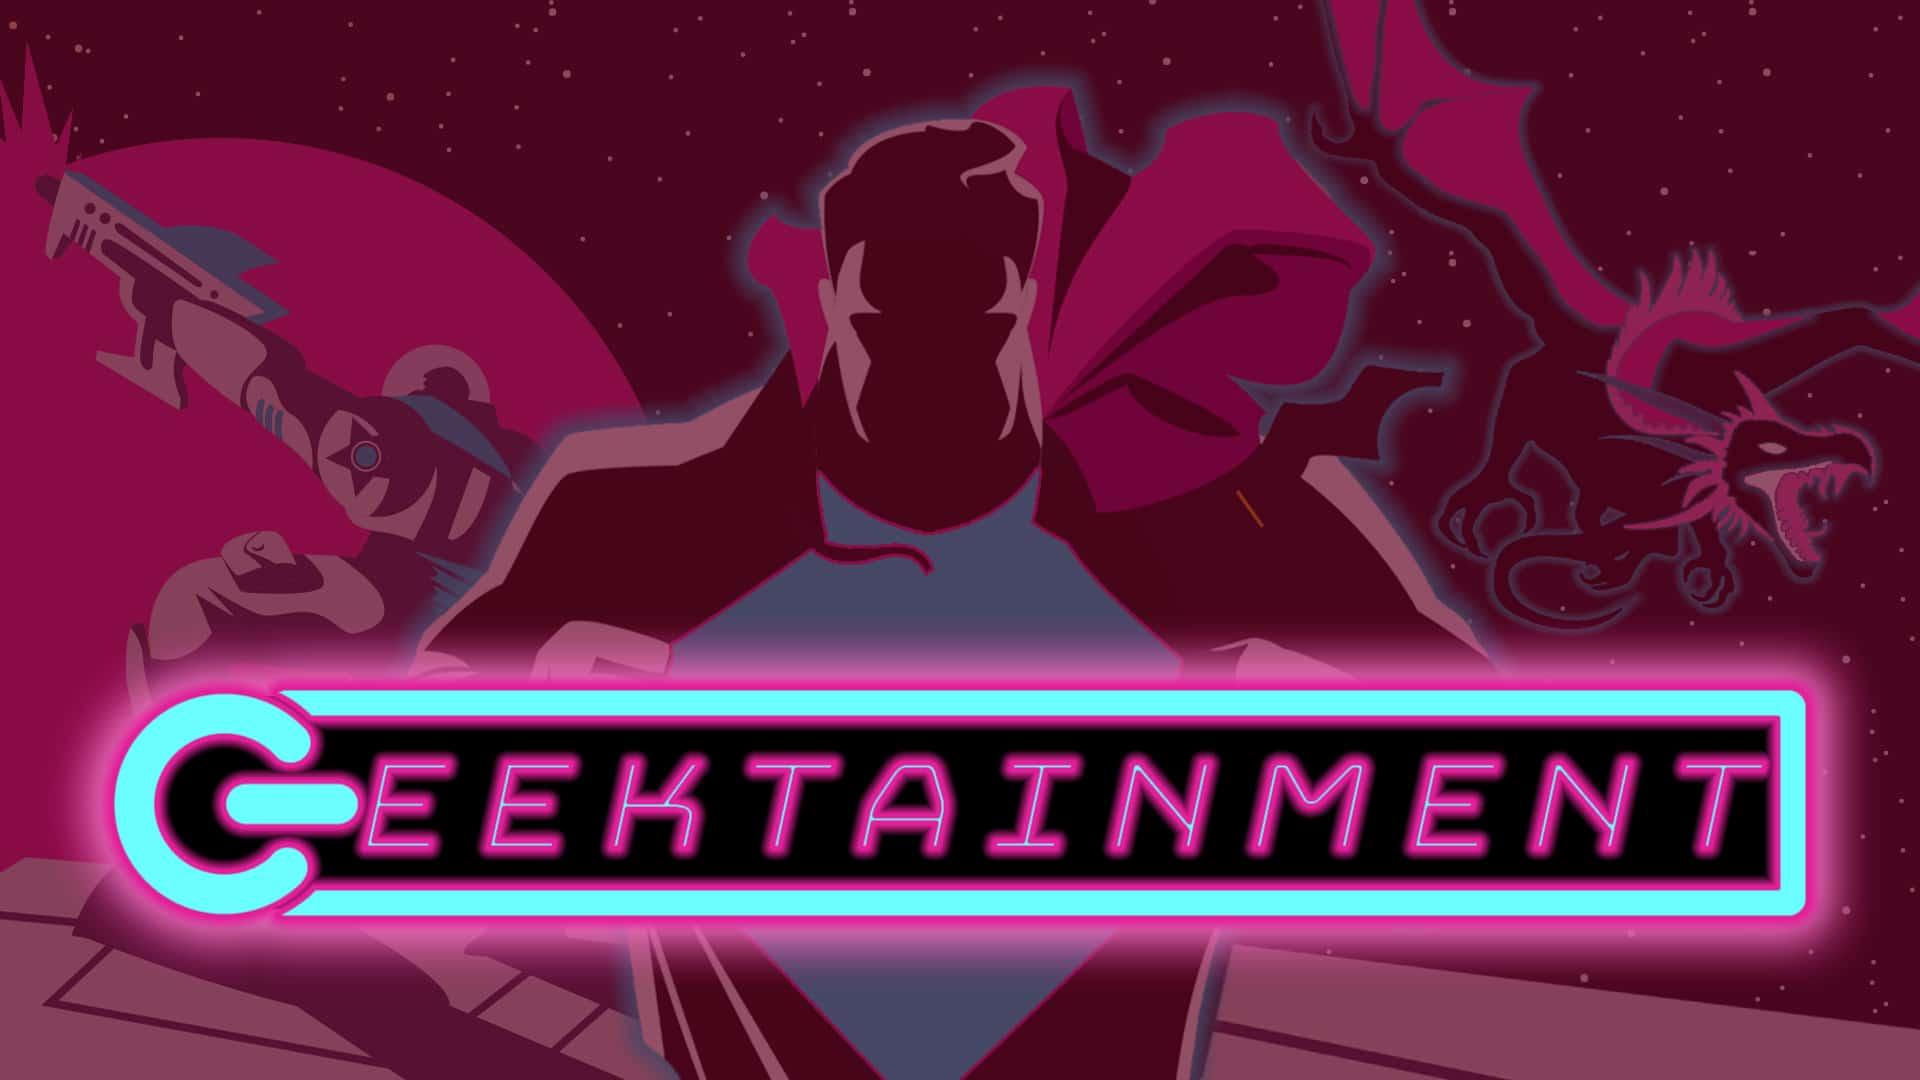 Geektainment